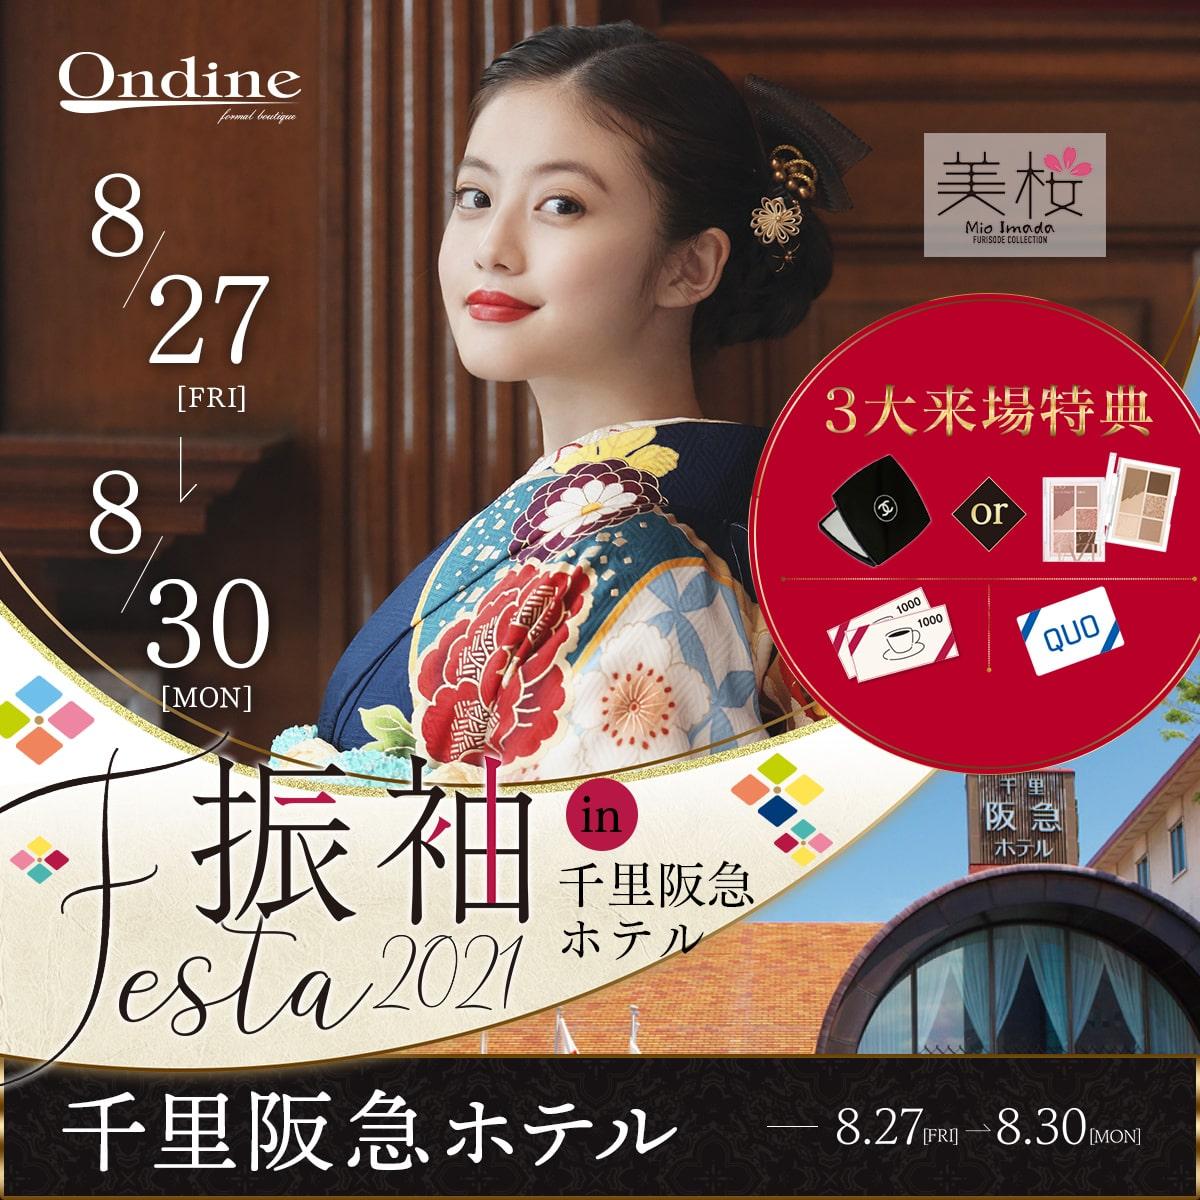 振袖FESTA 2021 in 千里阪急ホテル